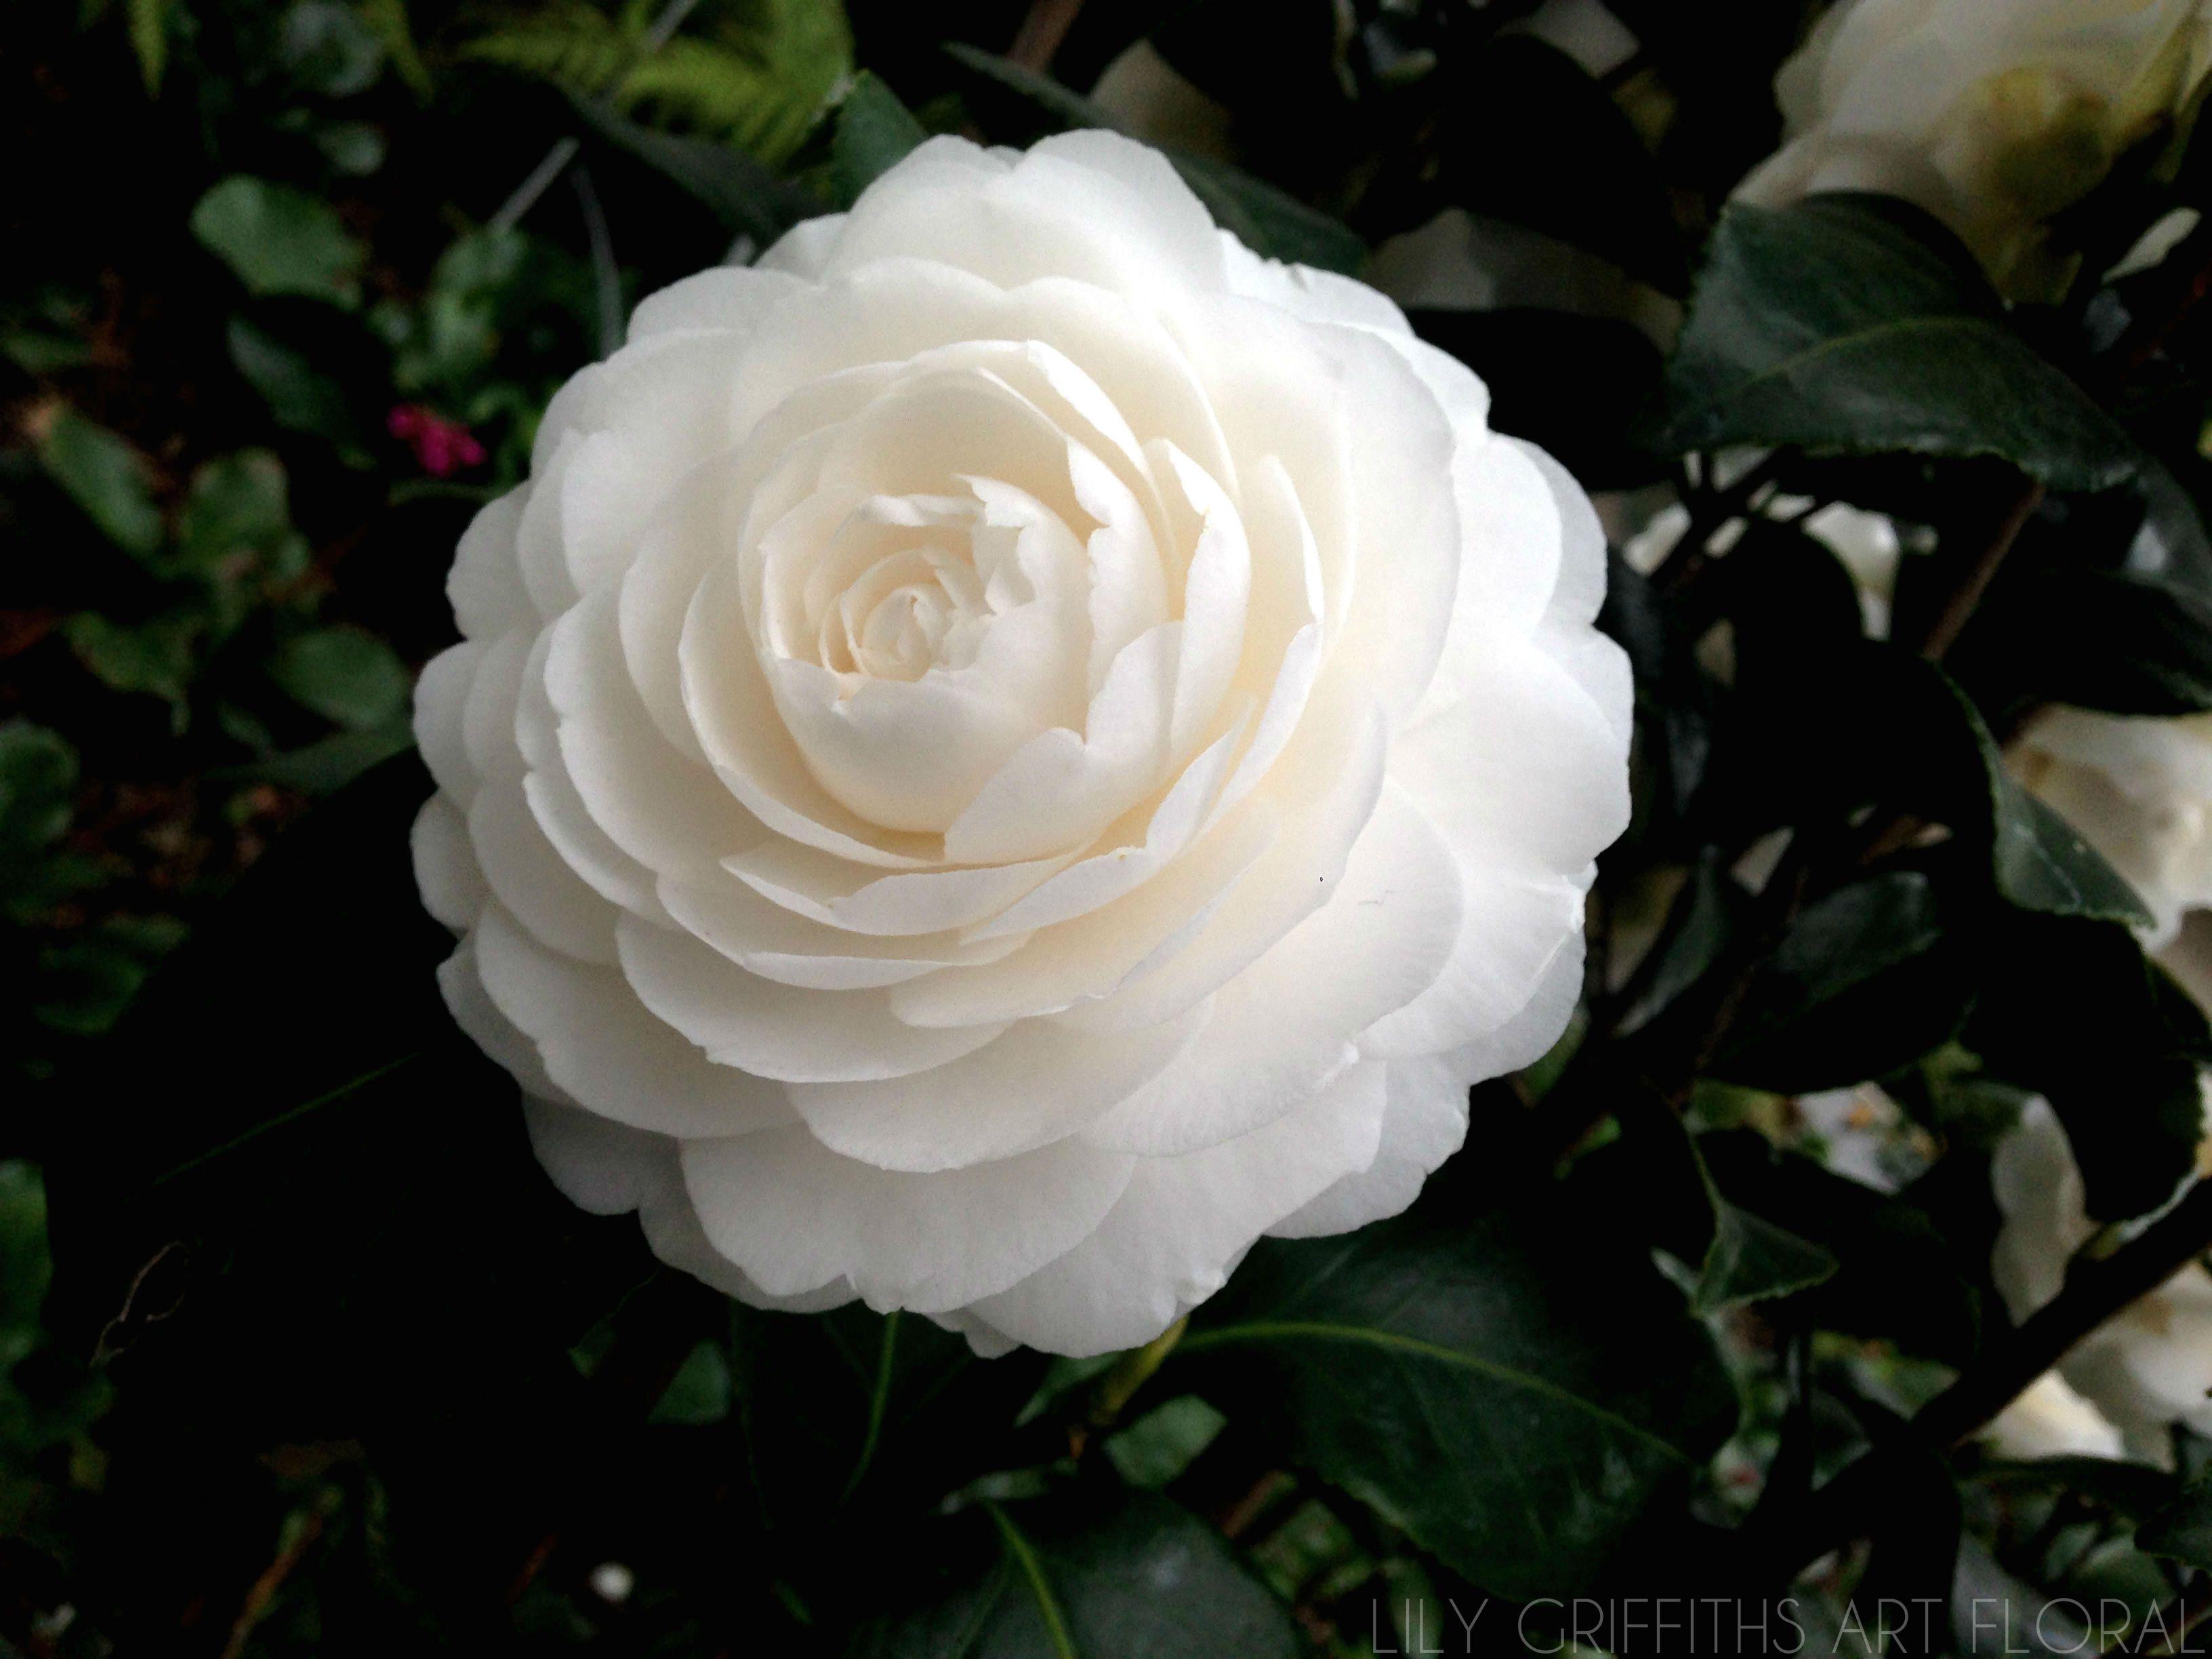 les fleurs en hiver lily griffiths art floral paris. Black Bedroom Furniture Sets. Home Design Ideas